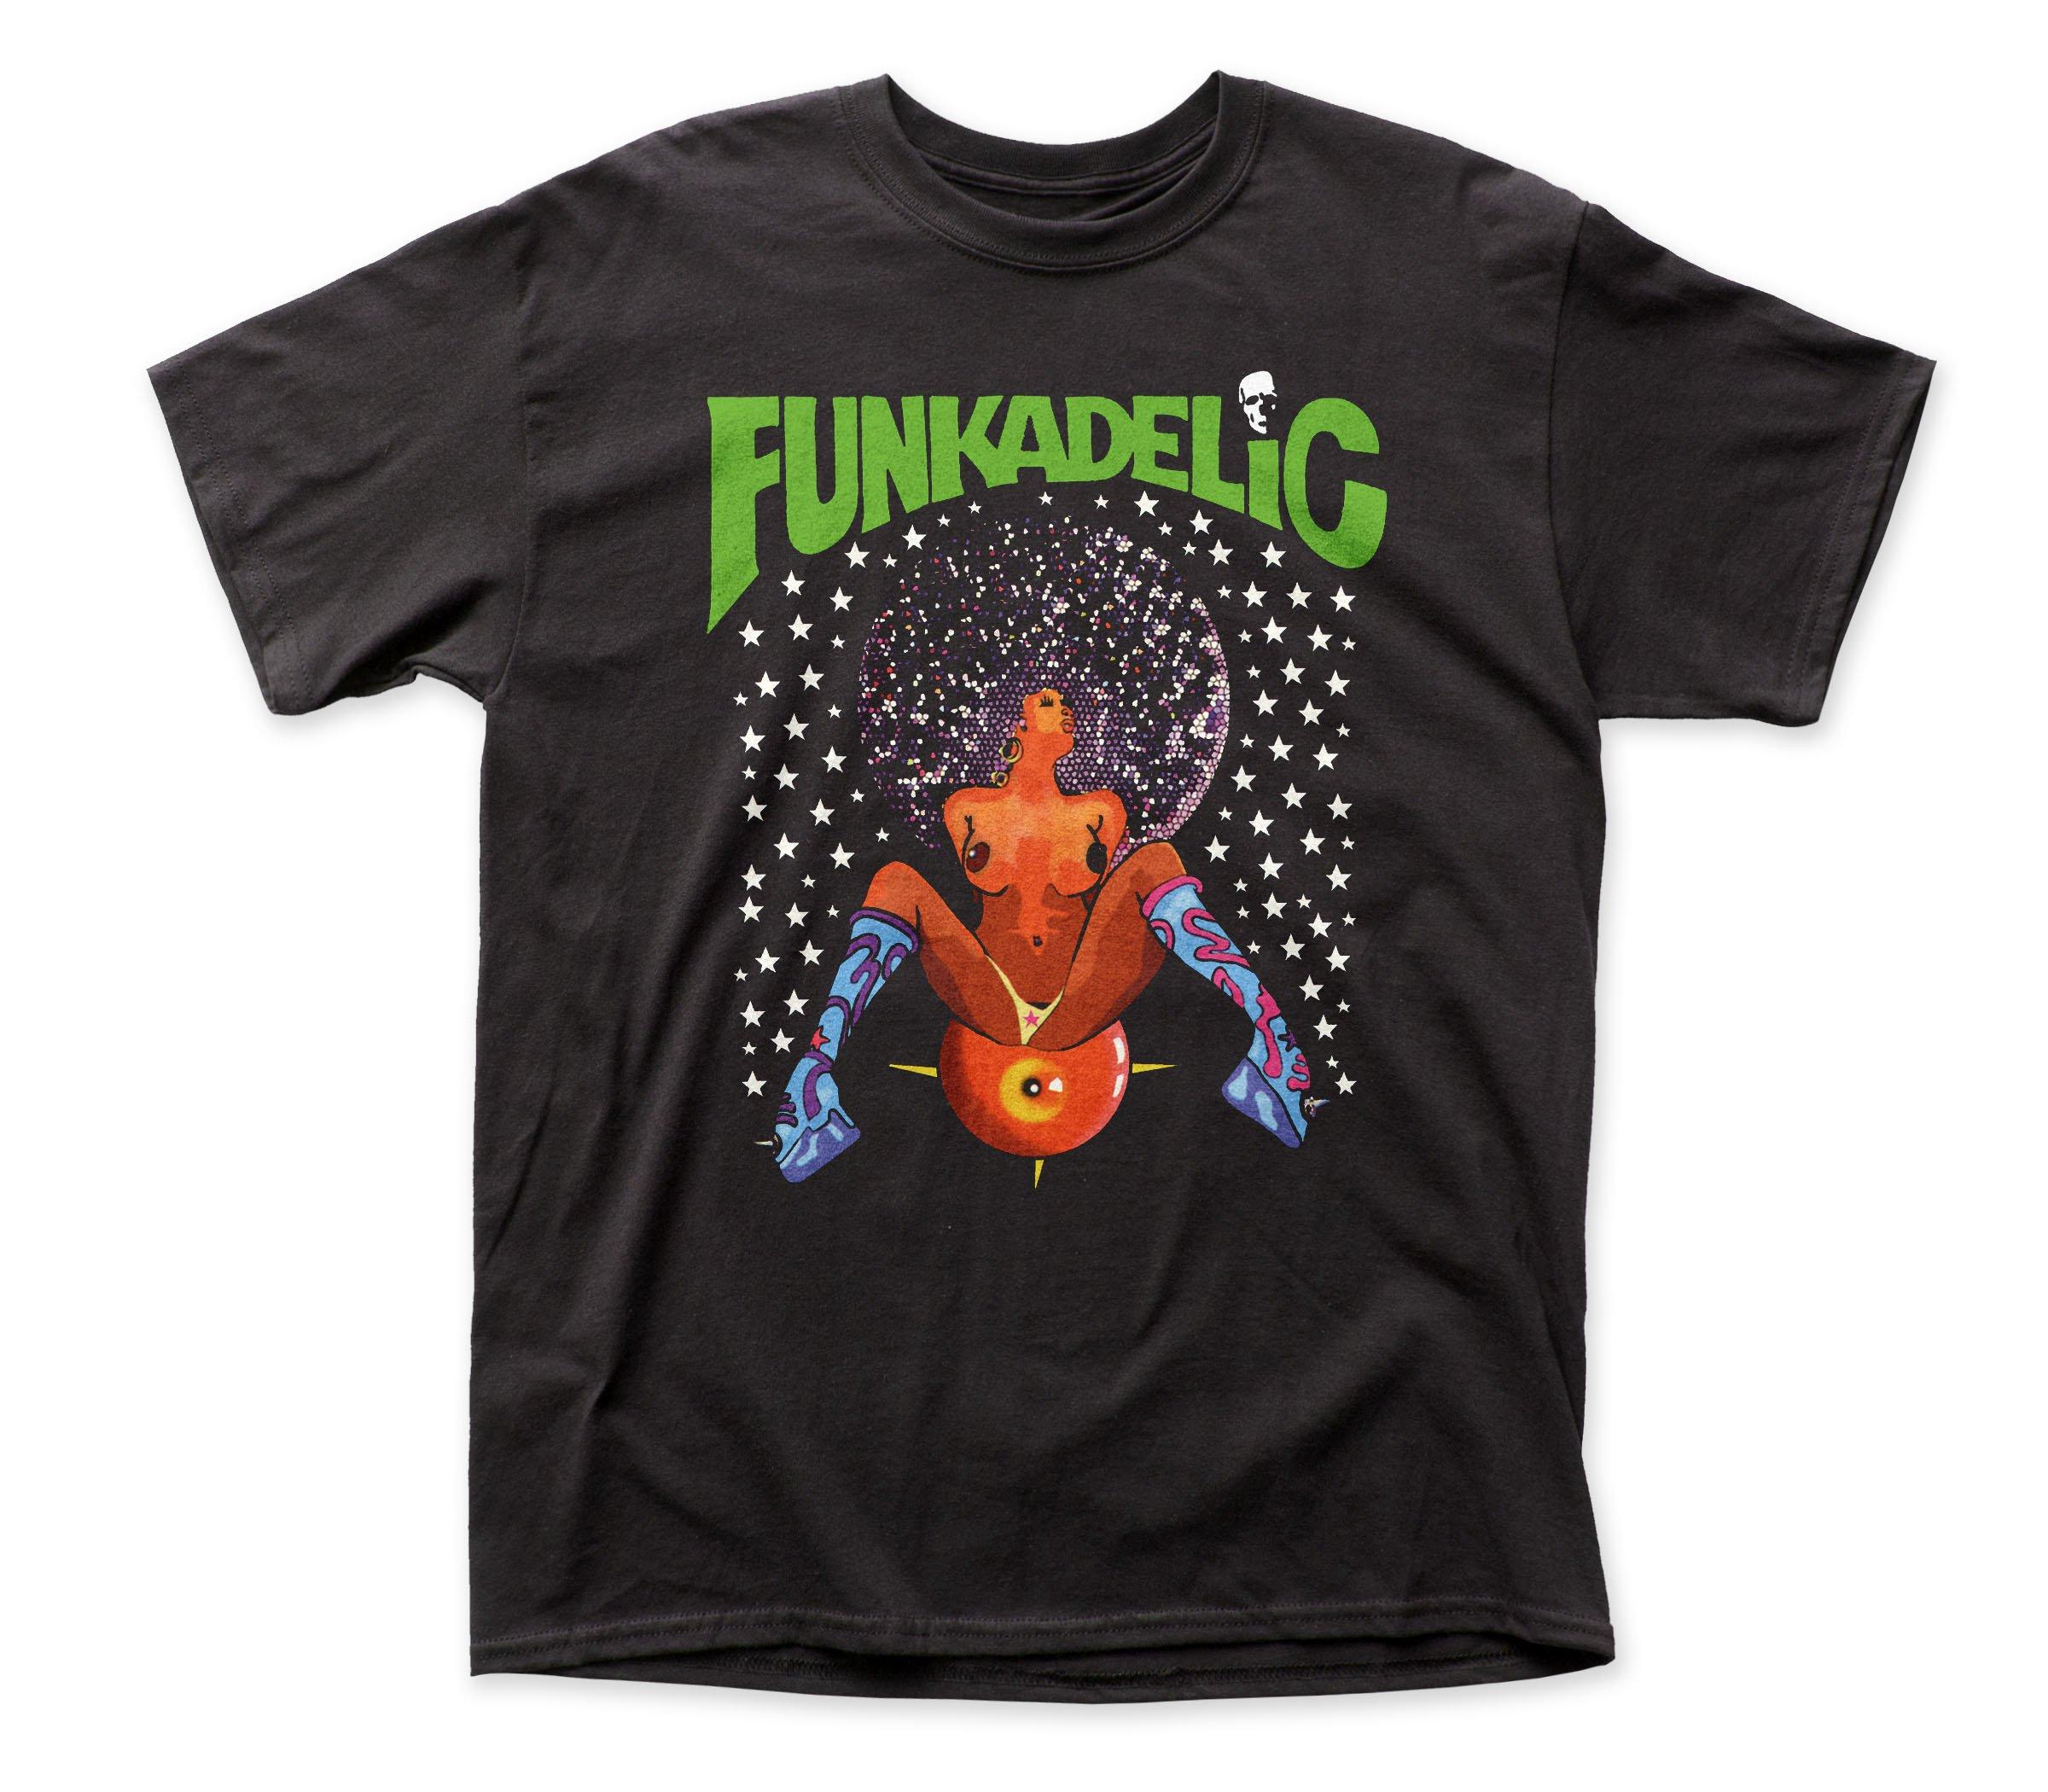 Funkadelic Afro Girl Adult Shirts